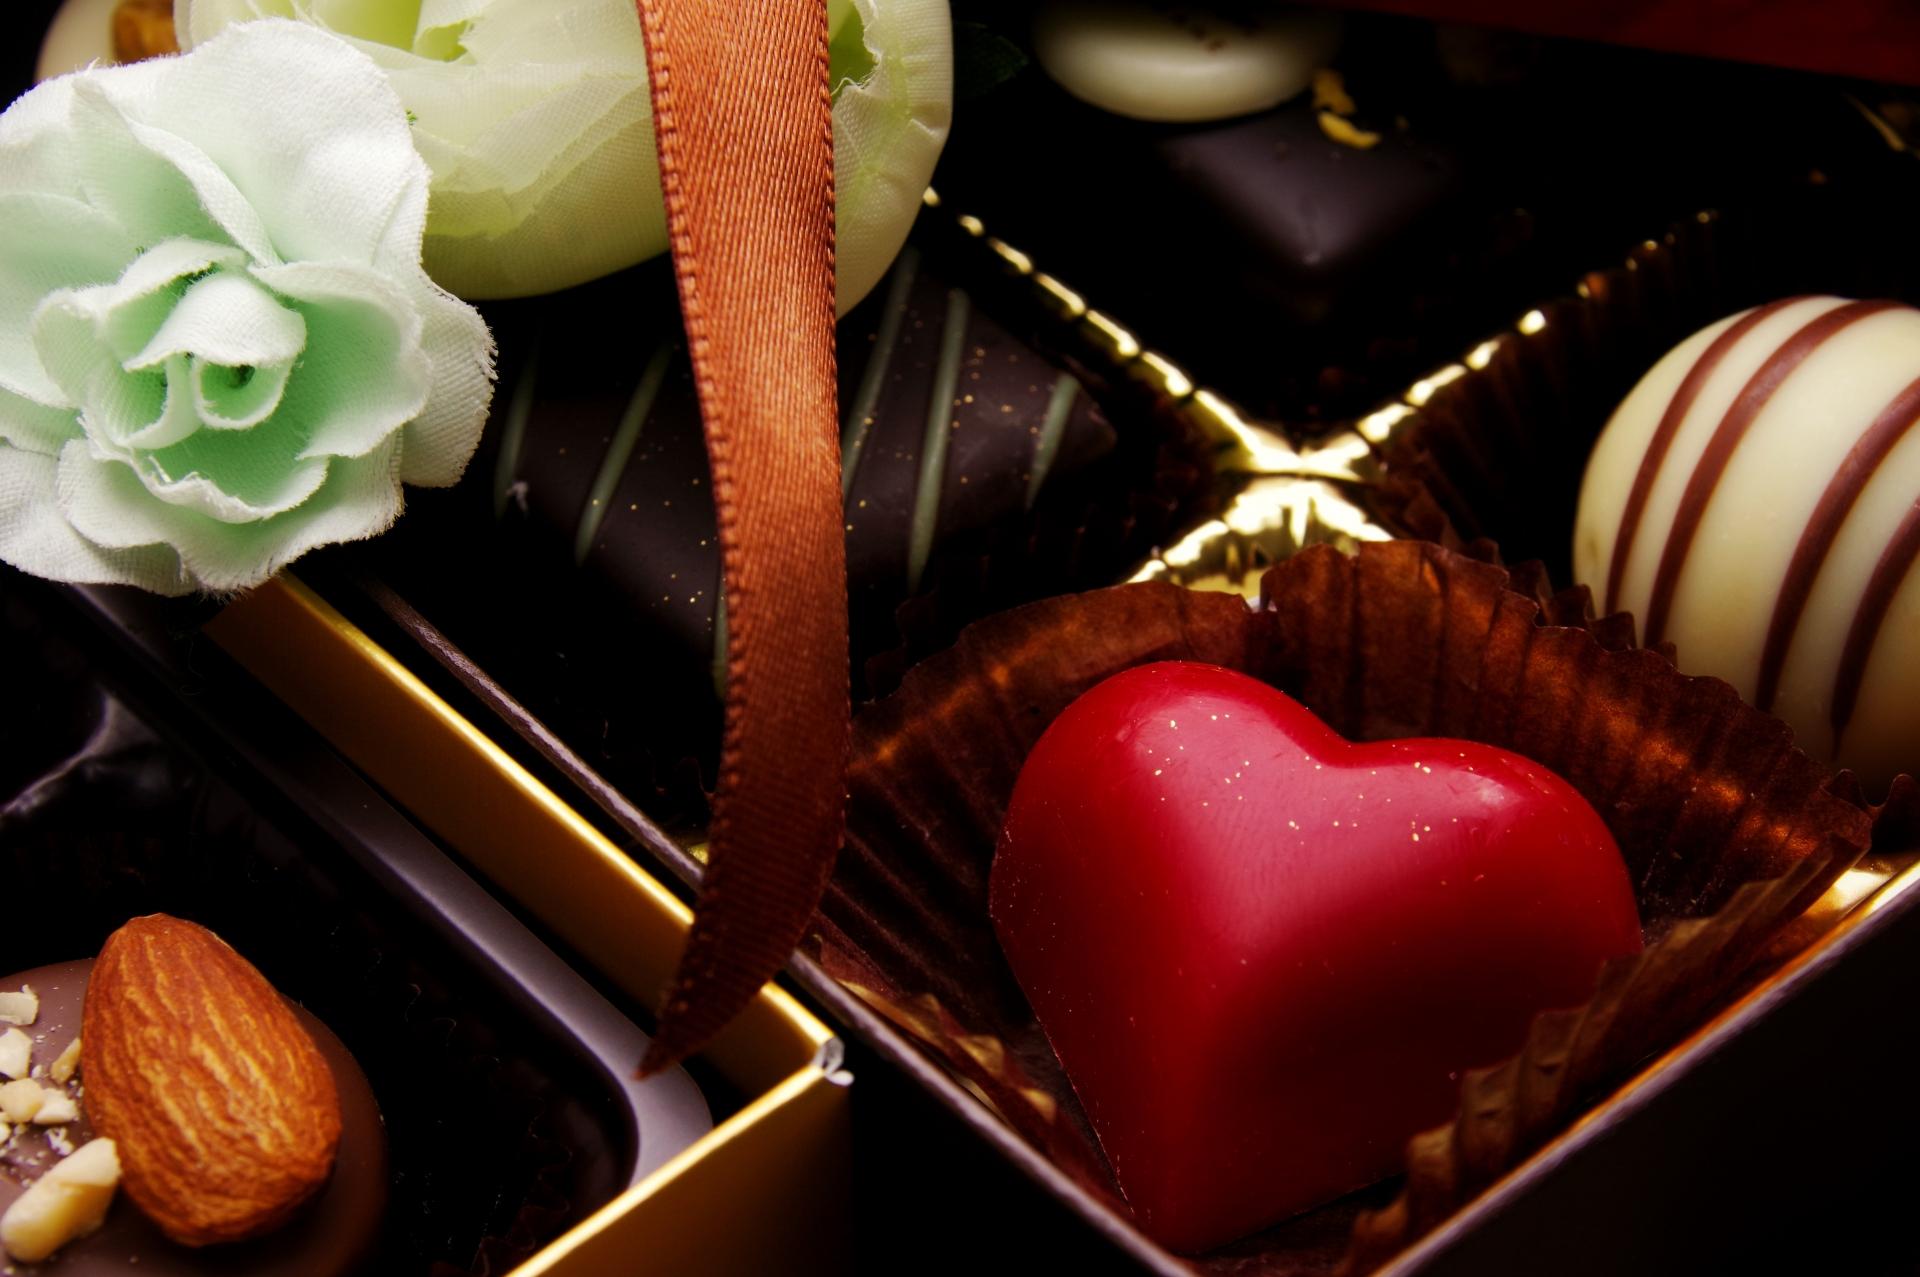 【バレンタインに!】甘党男子がオススメしたいチョコレートランキング